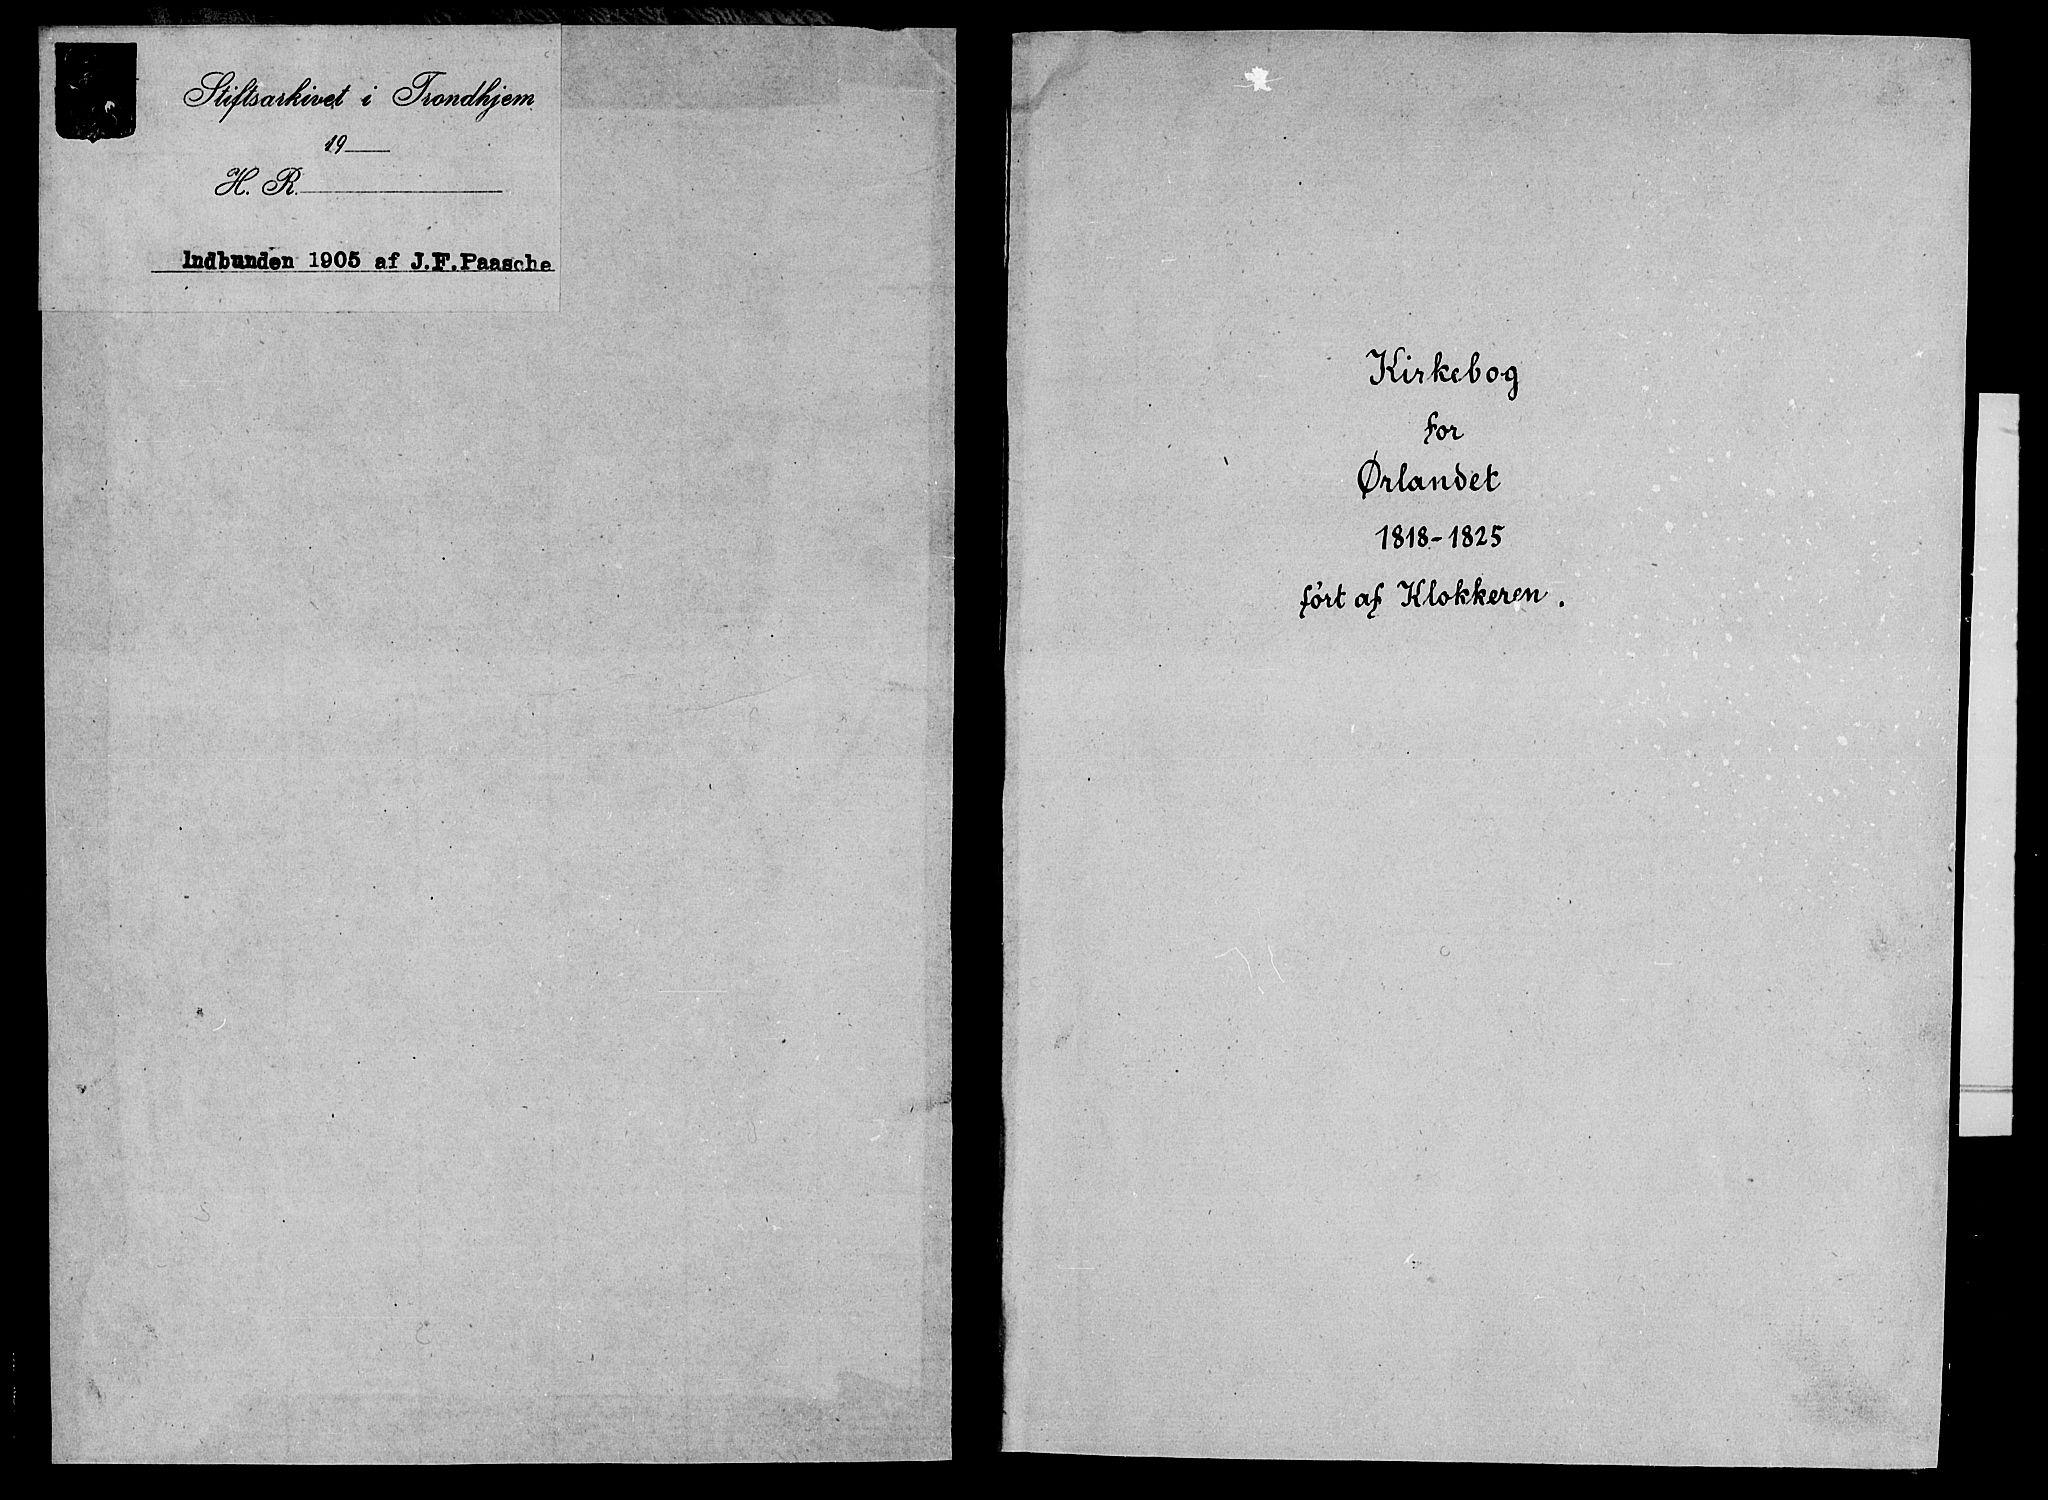 SAT, Ministerialprotokoller, klokkerbøker og fødselsregistre - Sør-Trøndelag, 659/L0744: Klokkerbok nr. 659C01, 1818-1825